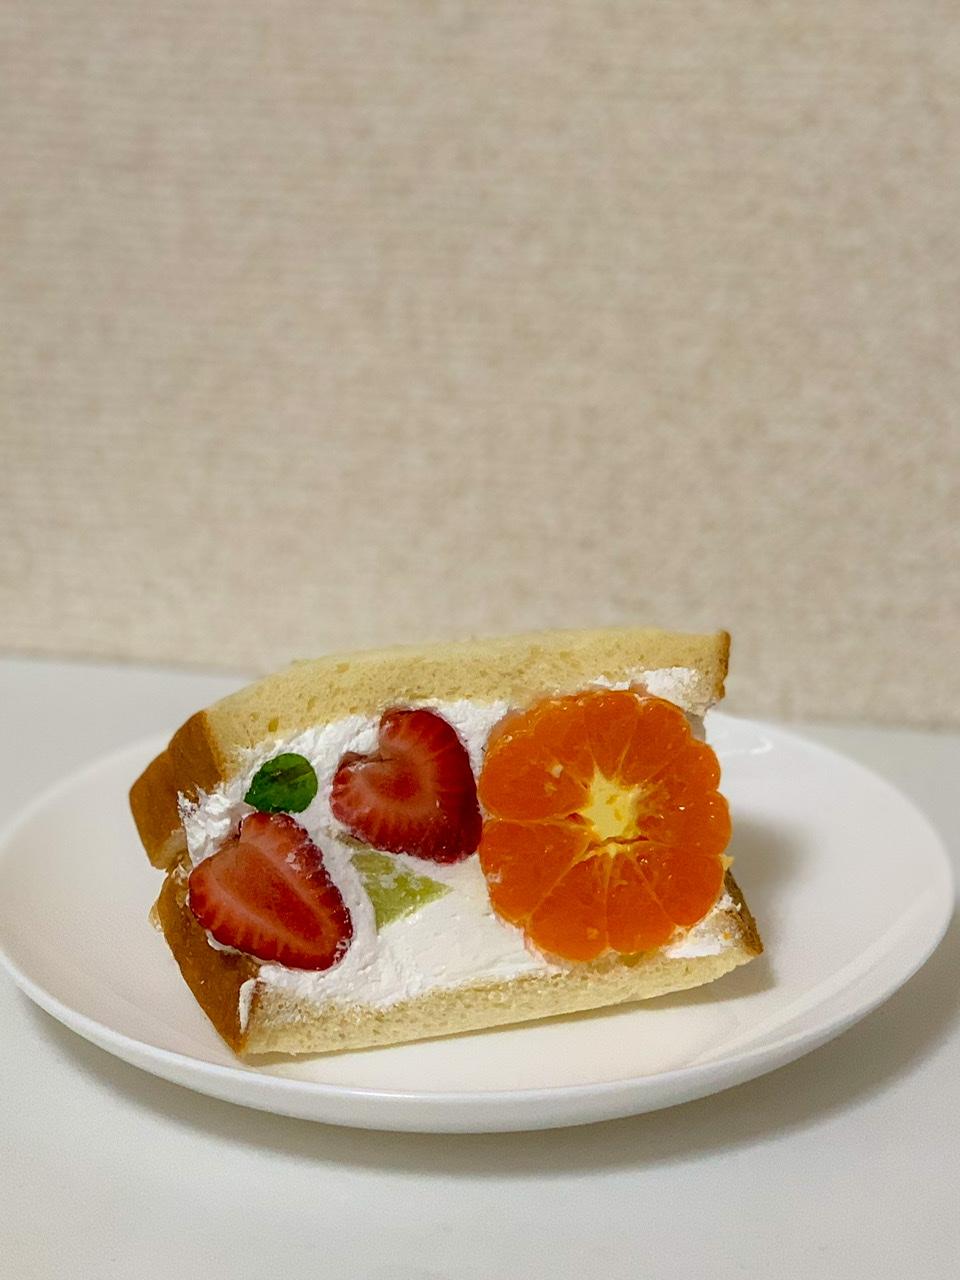 フルーツサンド YAKUWA  フルーツミックスサンドイッチ オレンジ いちご メロン